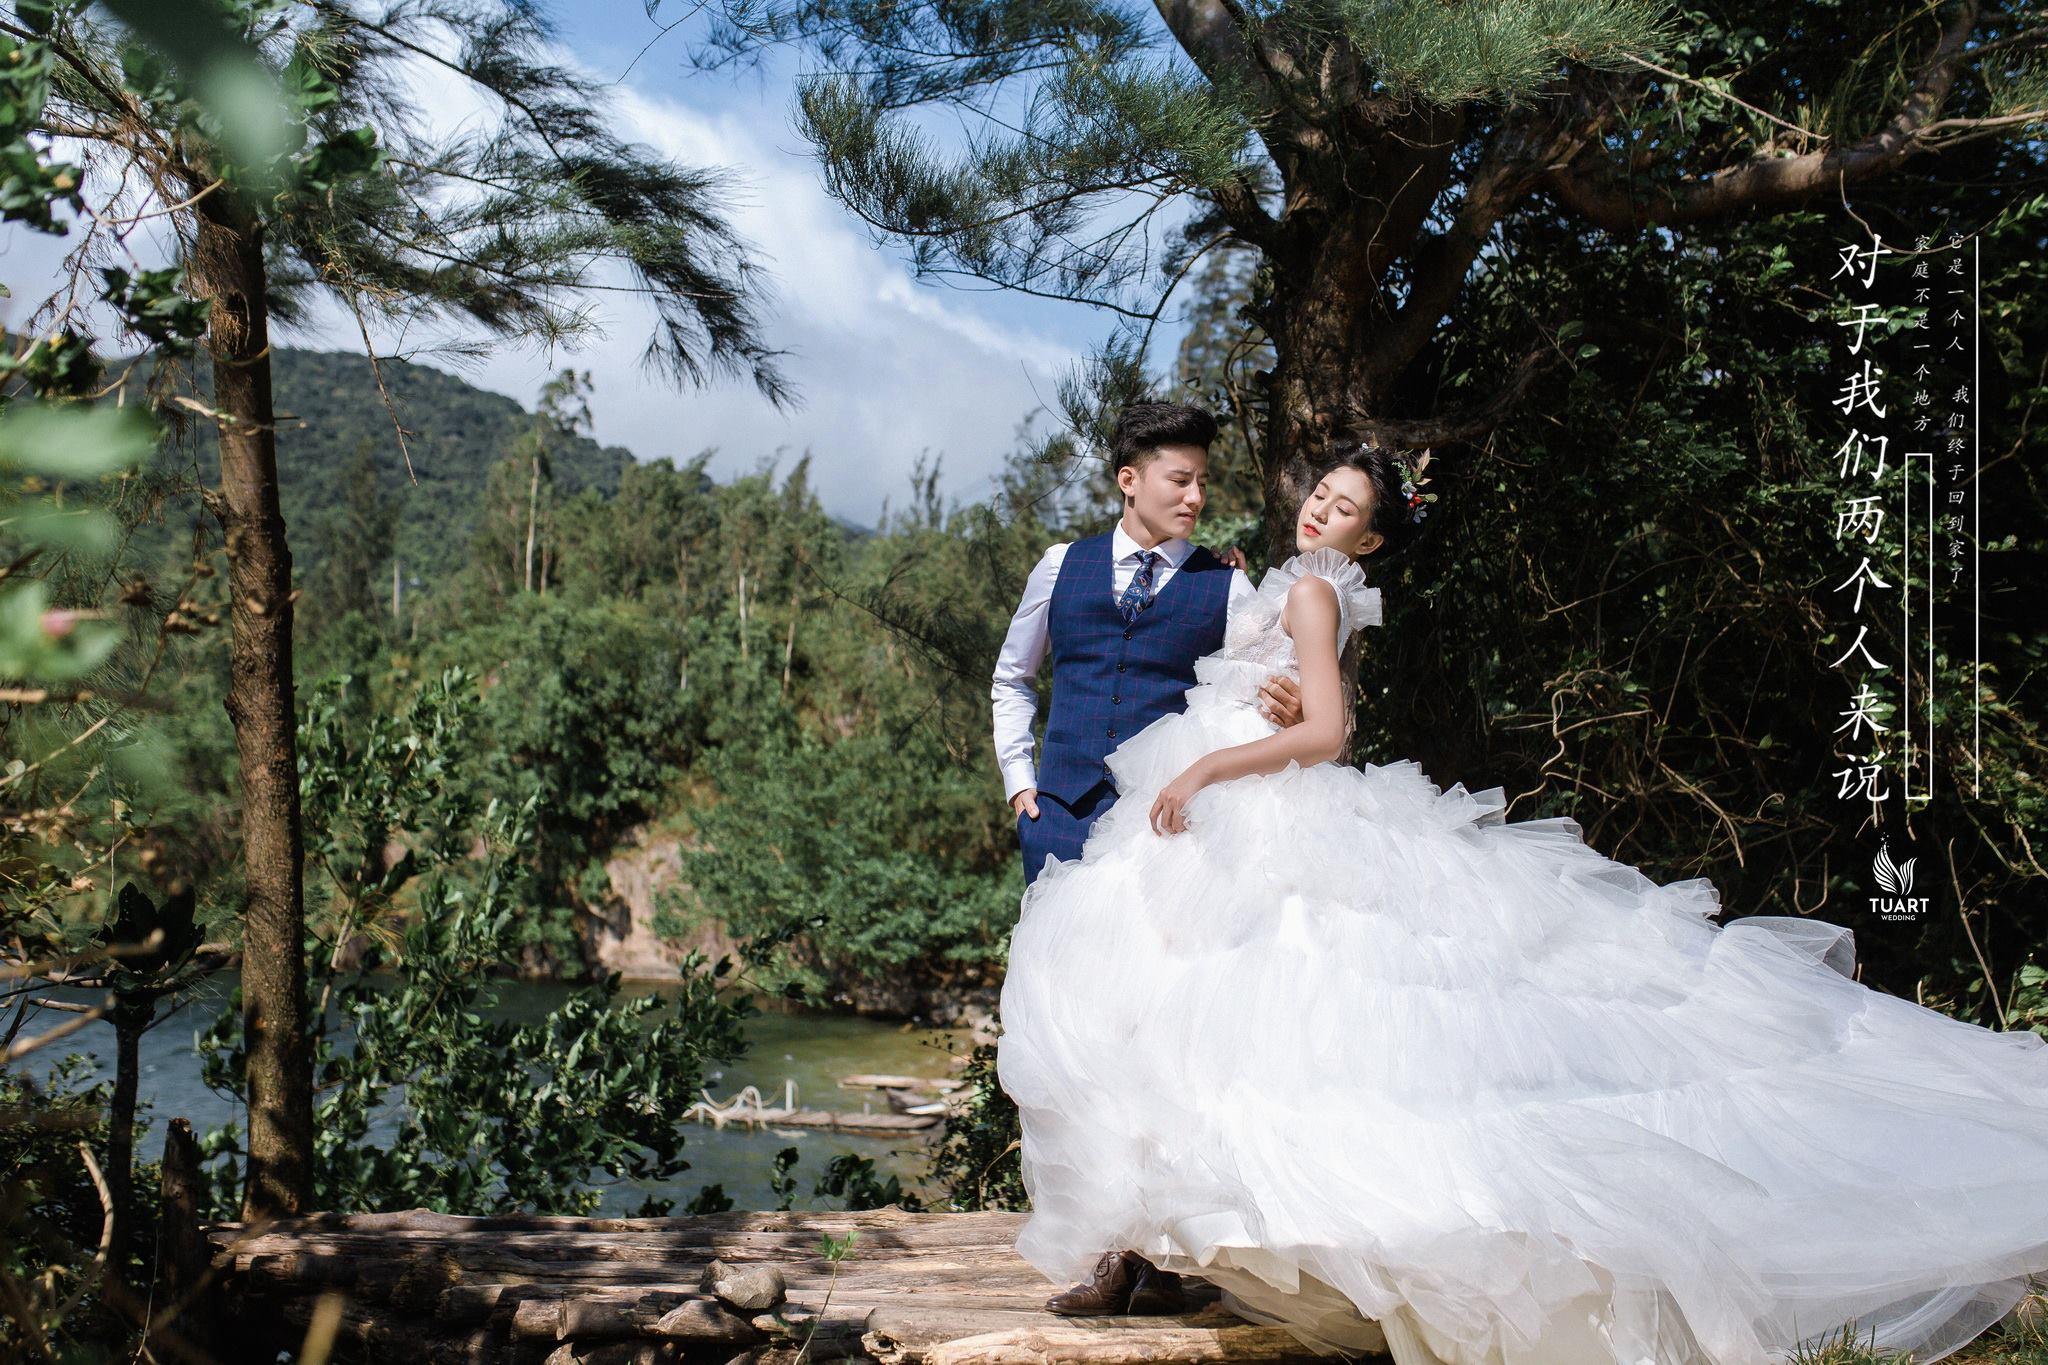 Album chụp ảnh cưới đẹp Hồ Xanh-Nắng đầu mùa 9